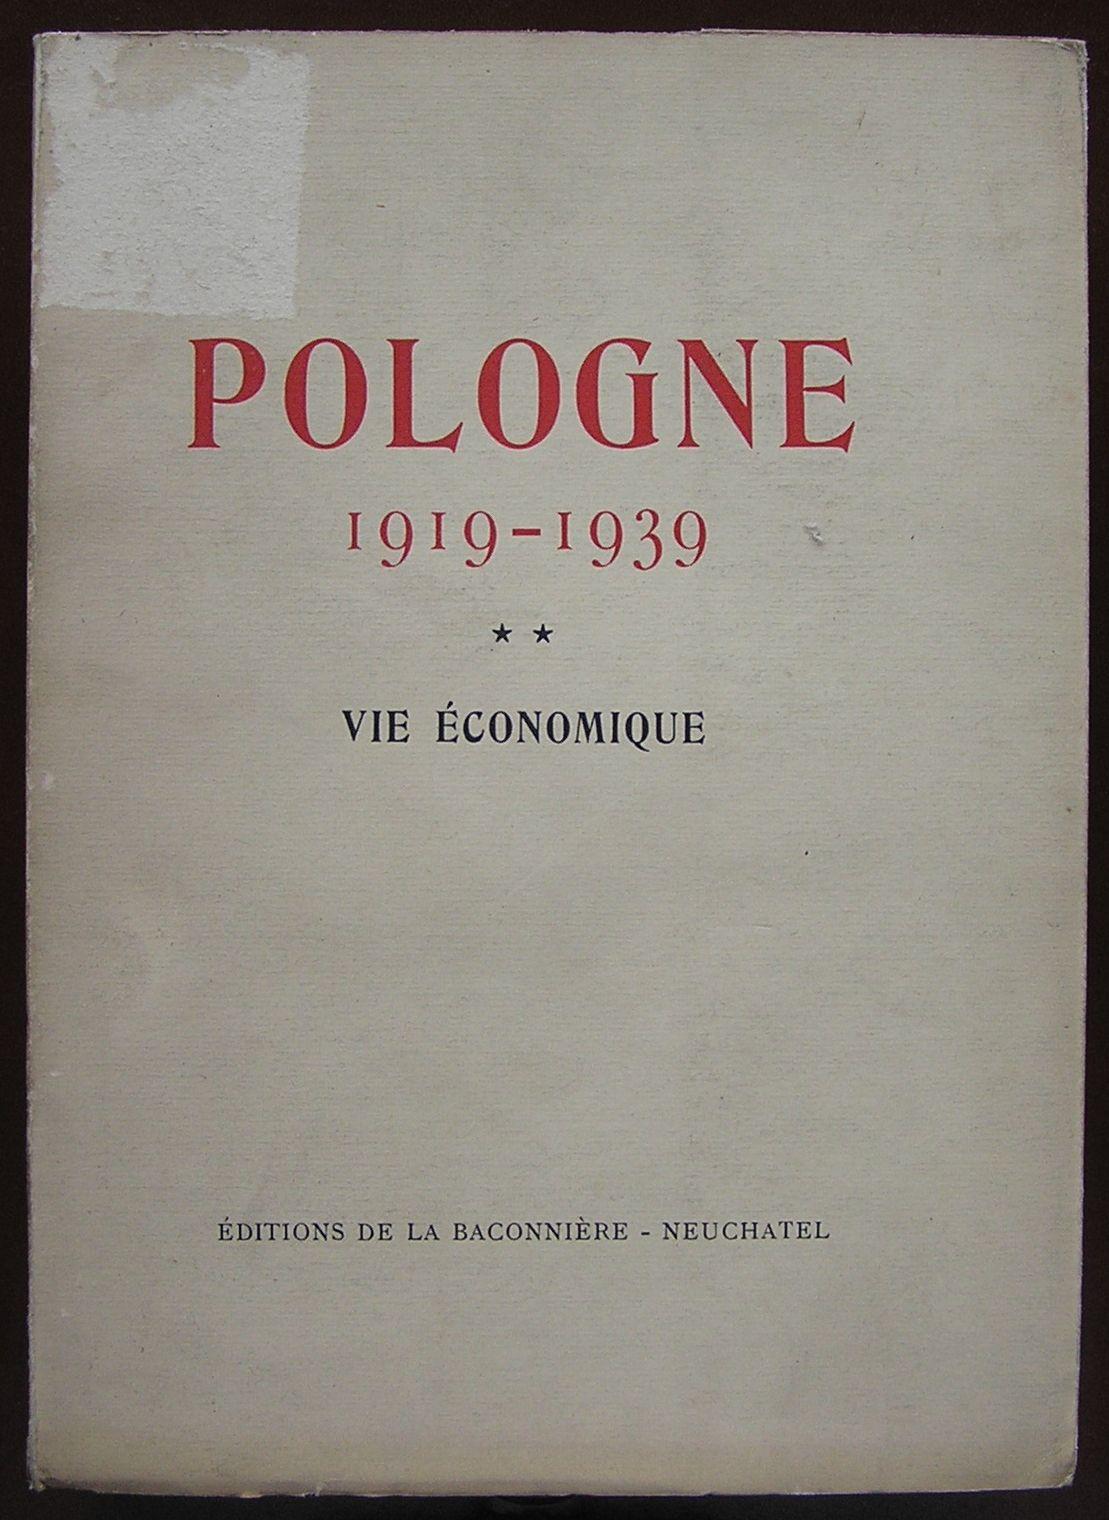 POLOGNE 1919-1939 VIE ECONOMIQUE POLSKA GOSPODARKA